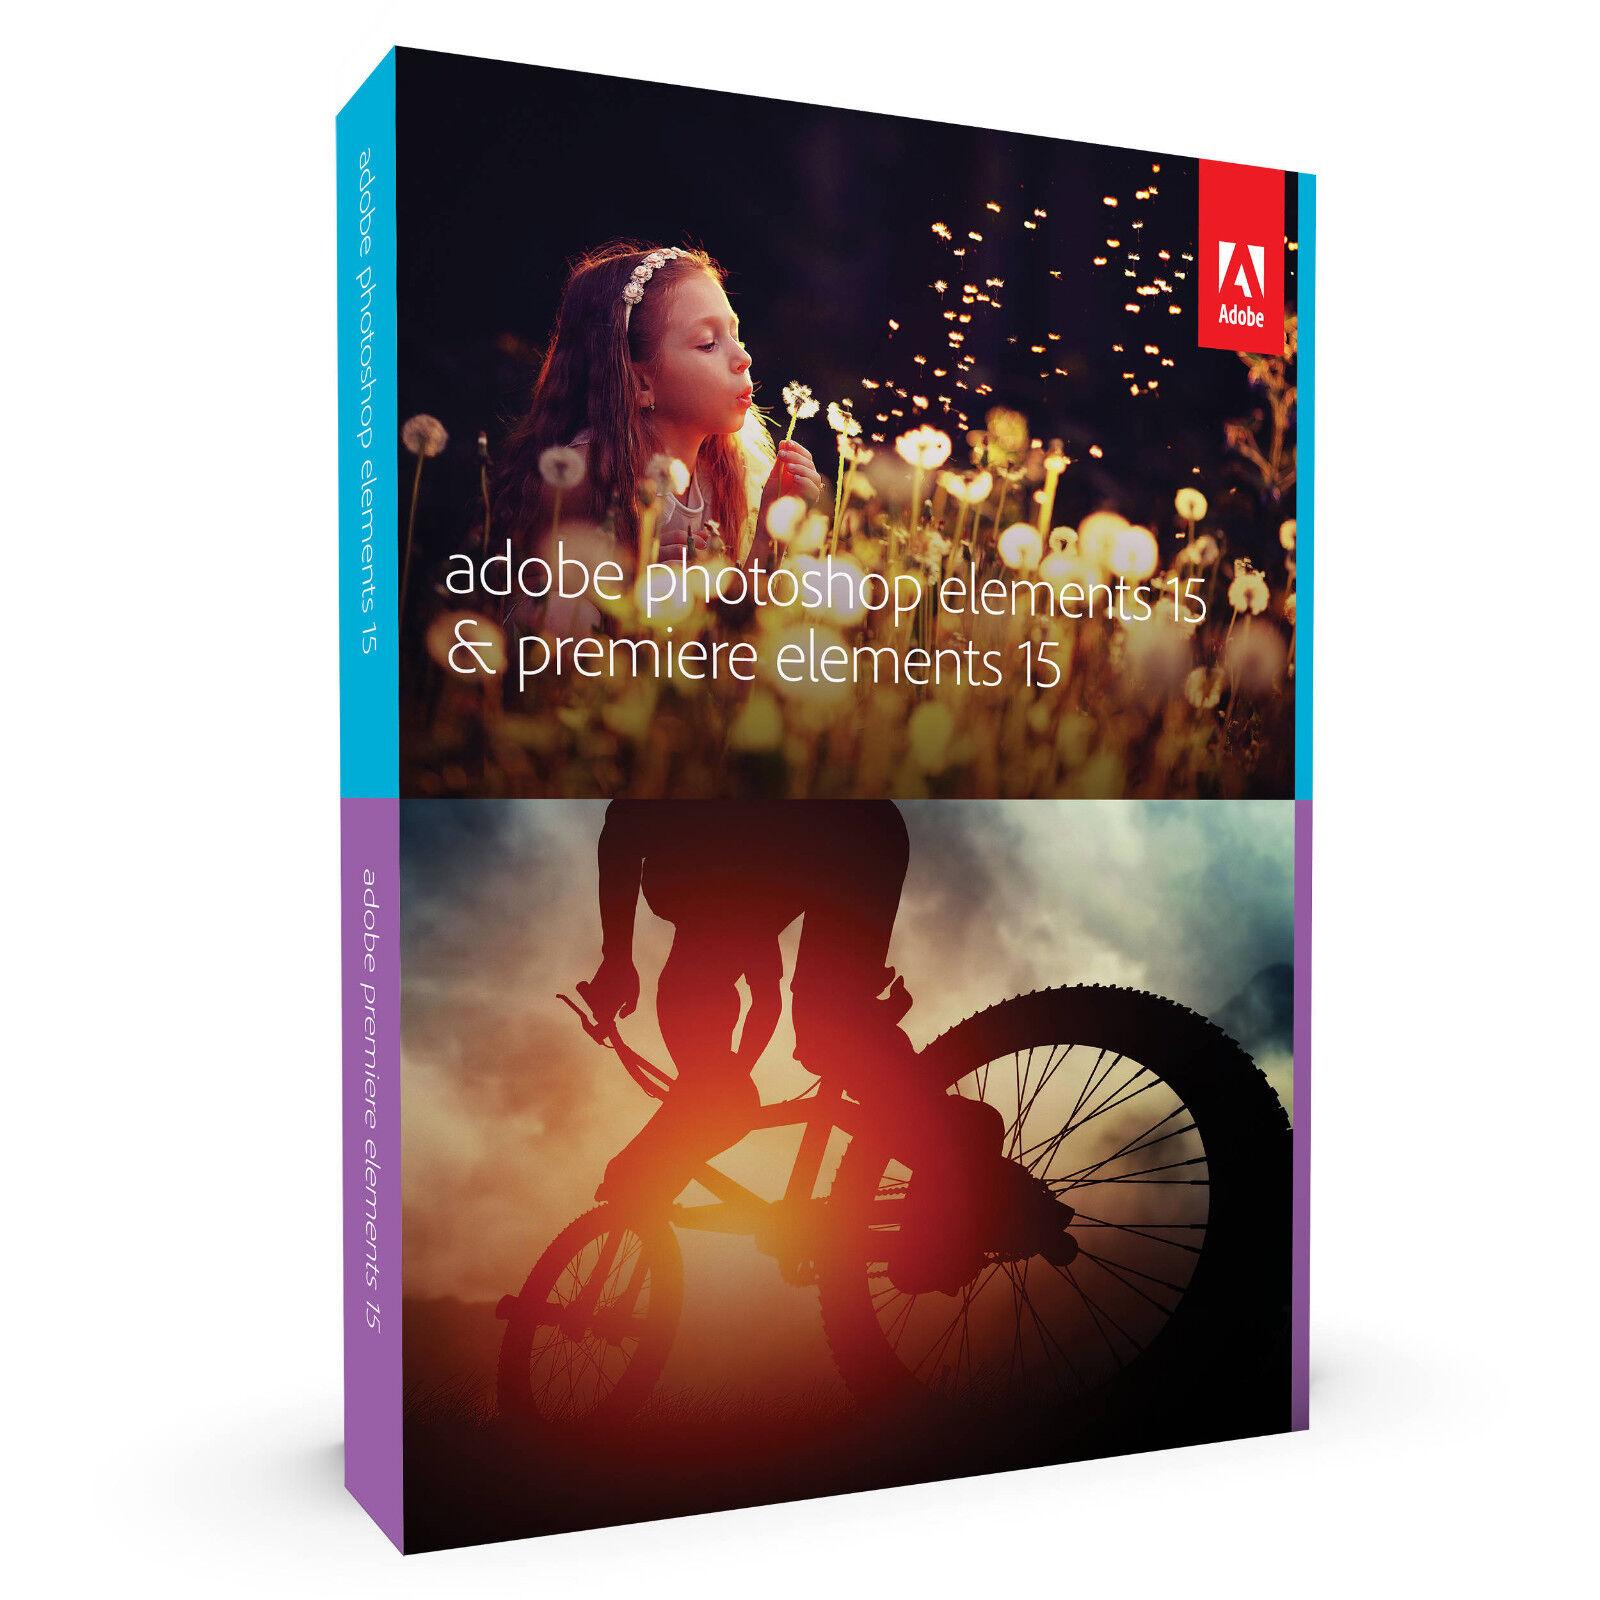 Adobe Photoshop Elements 15 & Premiere Elements 15 Bundle...